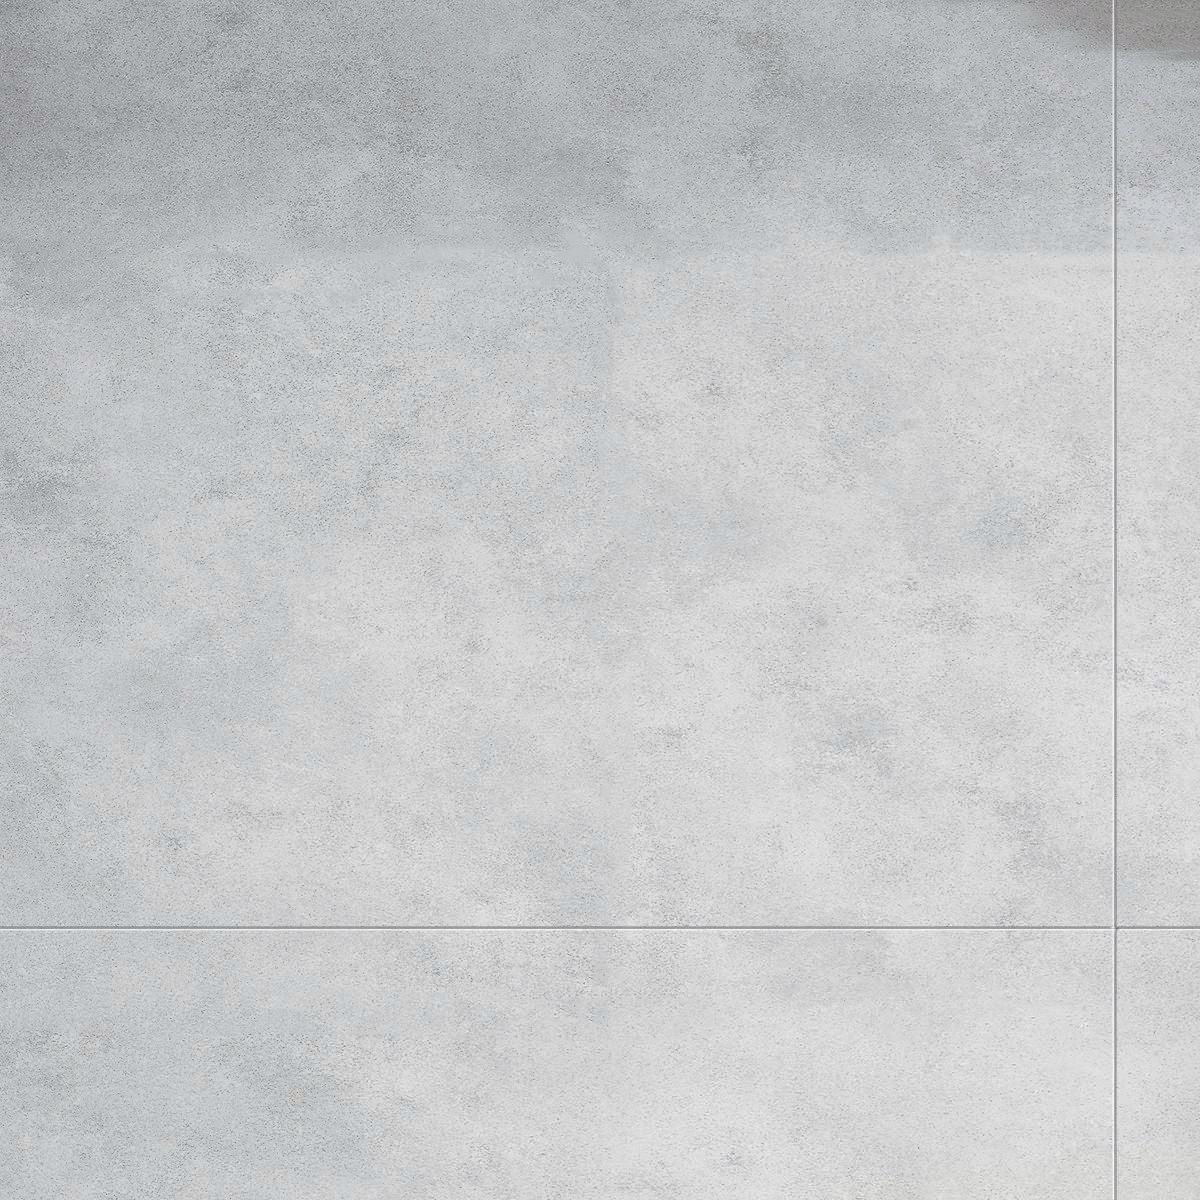 Dalle Murale Pvc Imitation Carrelage Gris Clair Light Cement 37 5x65 Cm Arte Home